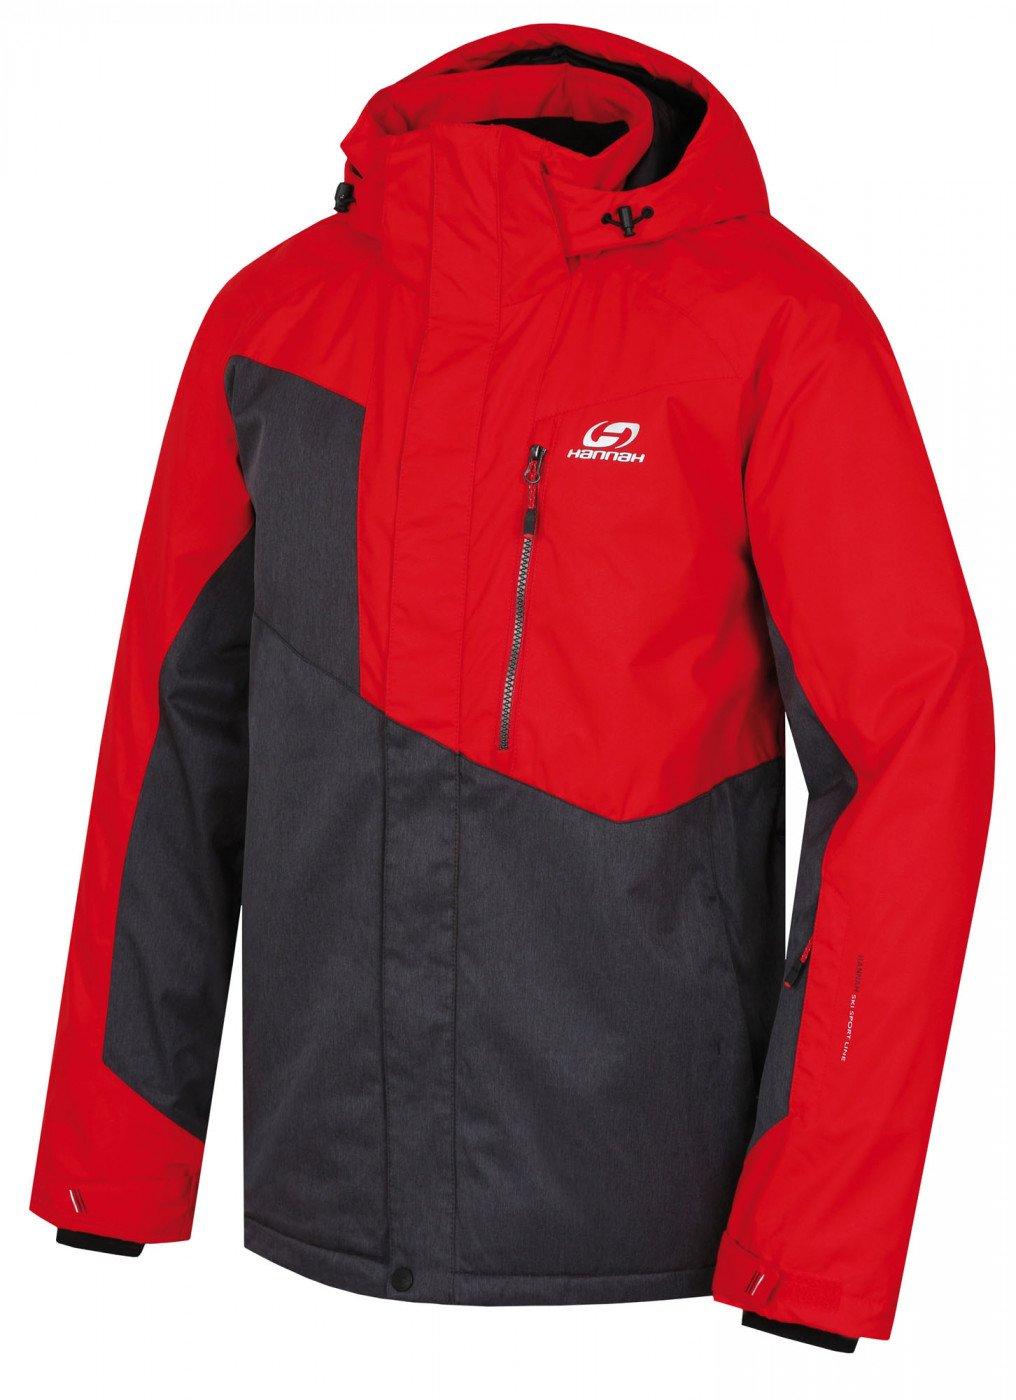 Men's ski jacket HANNAH JURGEN